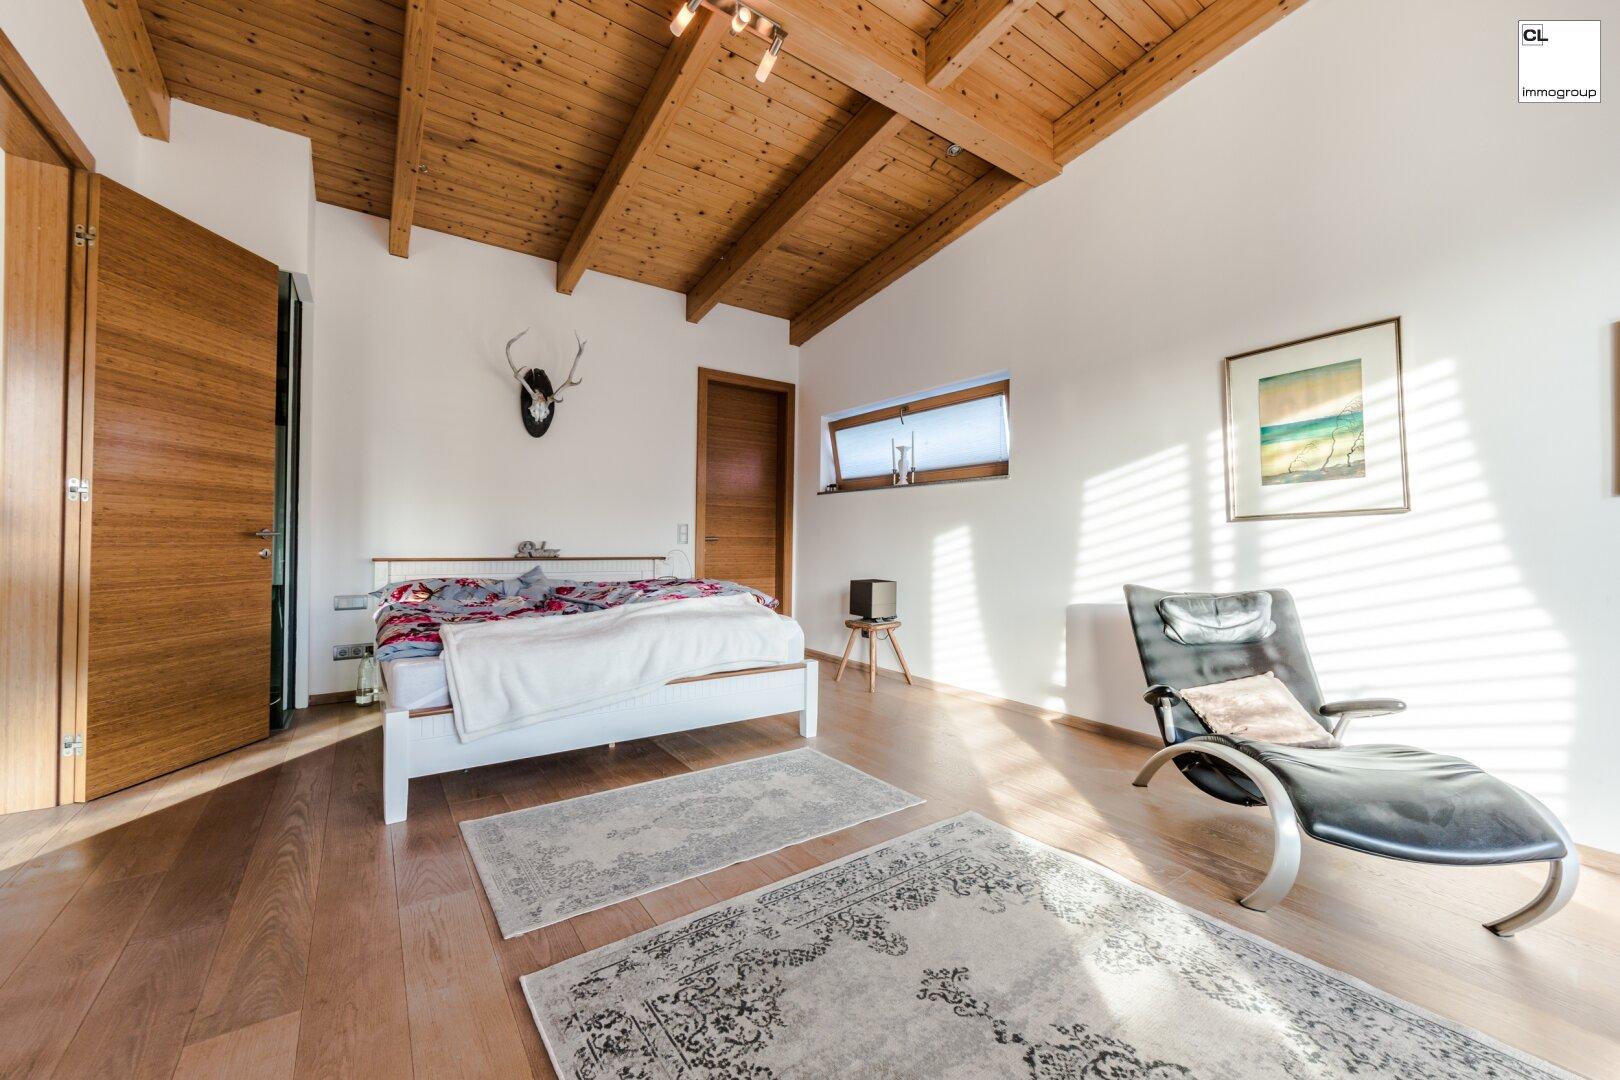 Geräumiges Schlafzimmer mit begehbarem Schrank